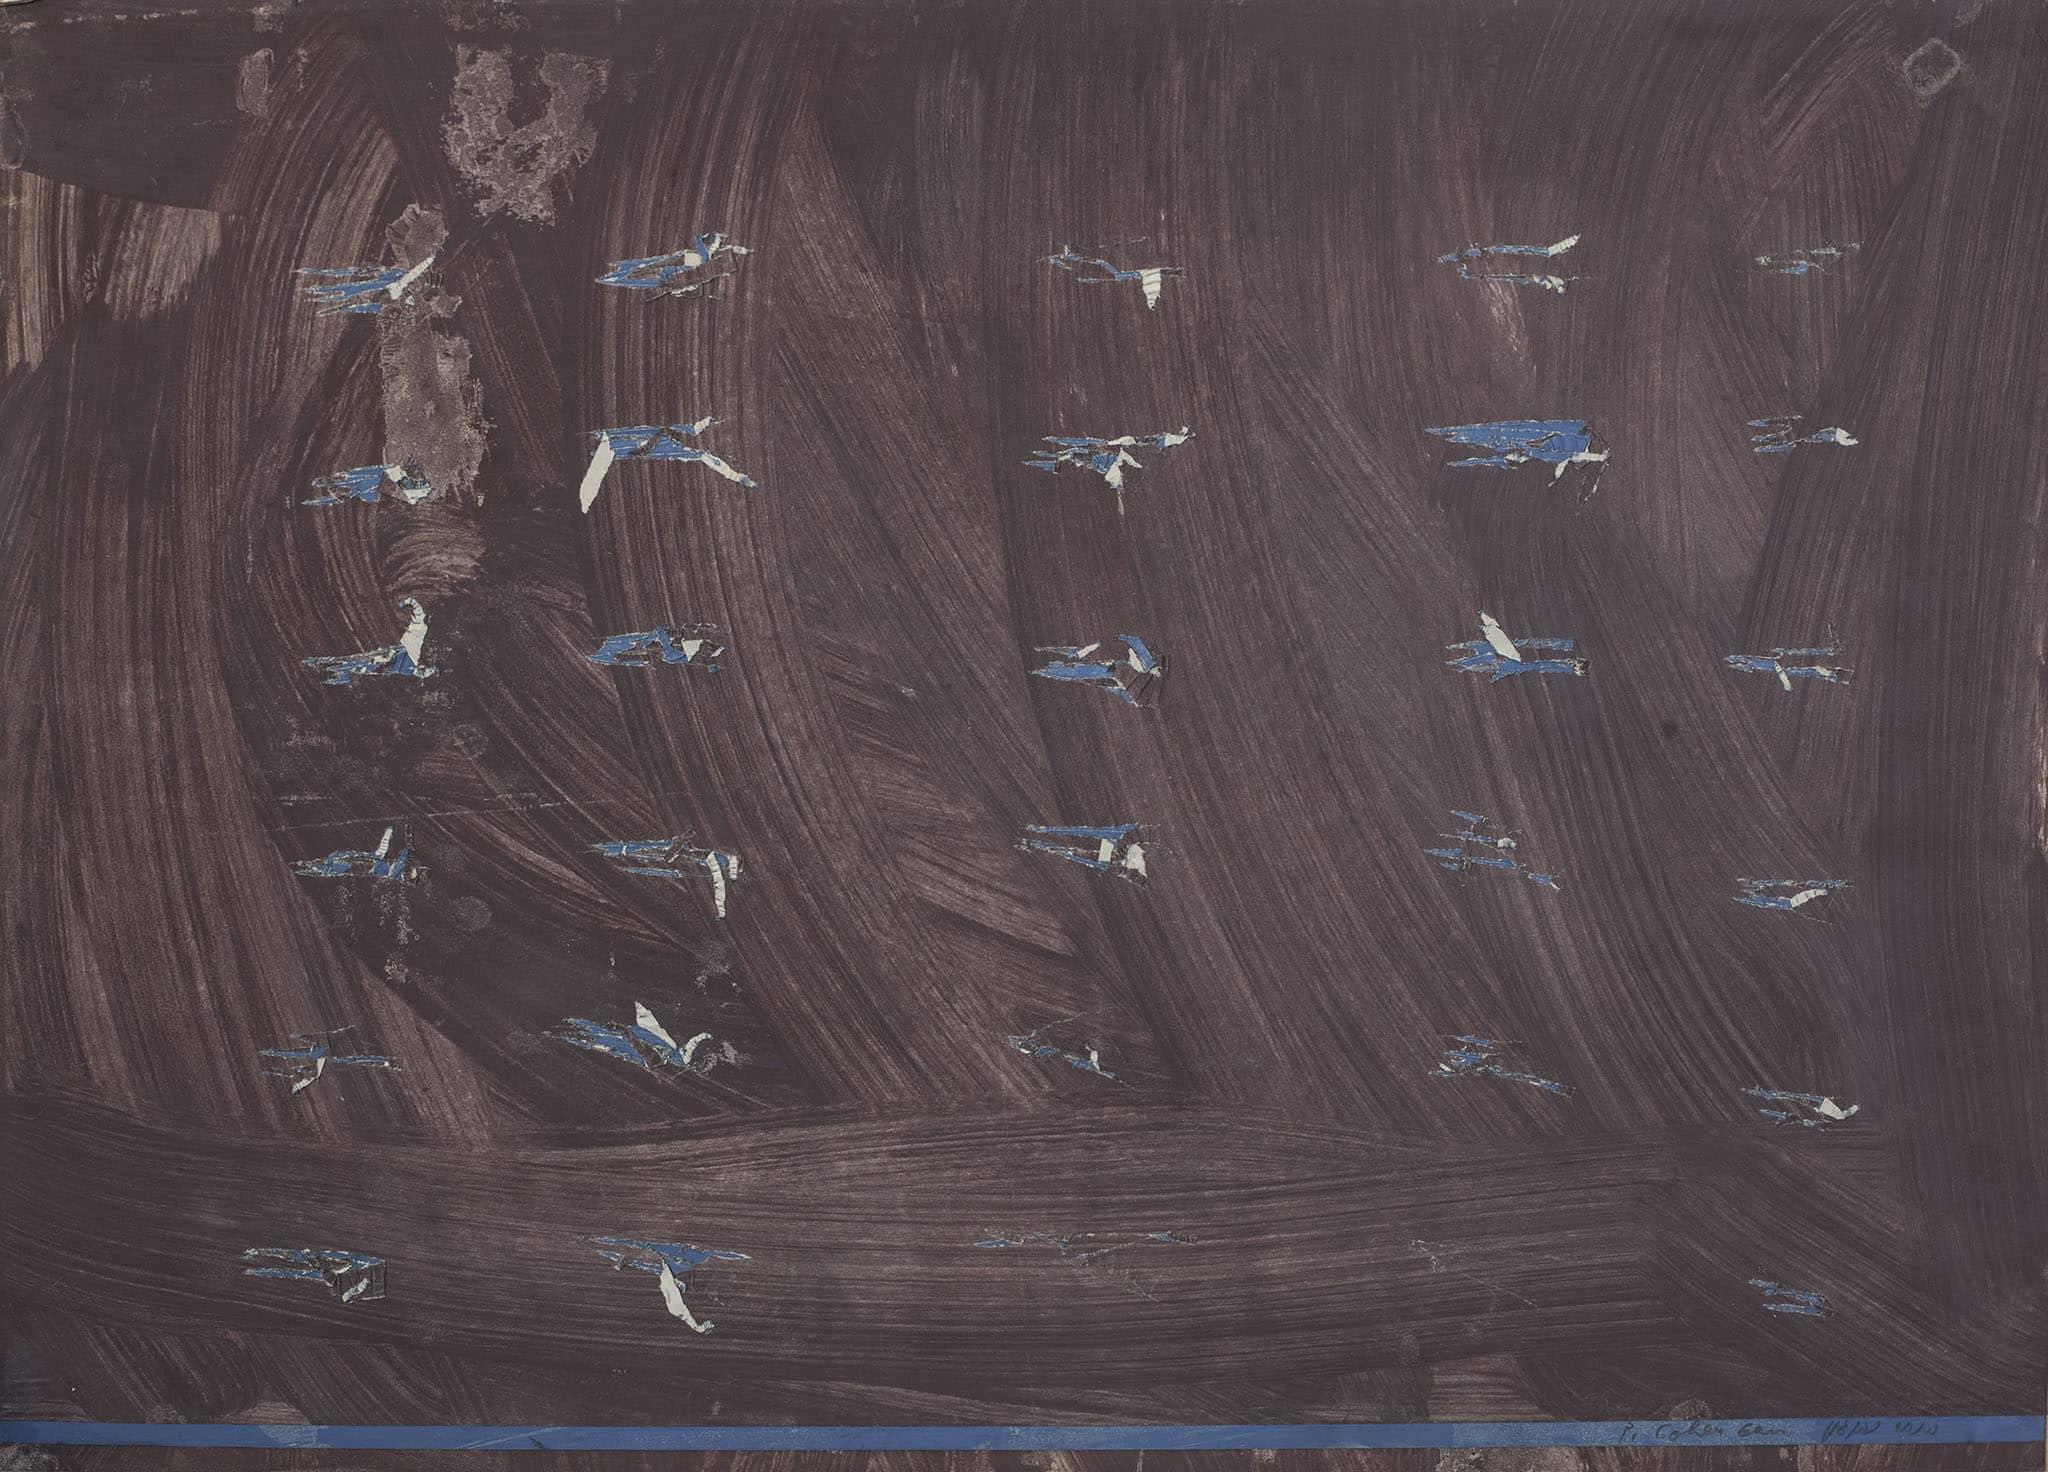 """פנחס כהן גן, """"מתוך סדרת העיתונים"""", 1973, גואש וטכניקה מעורבת על נייר עיתון, 52x70 ס""""מ"""